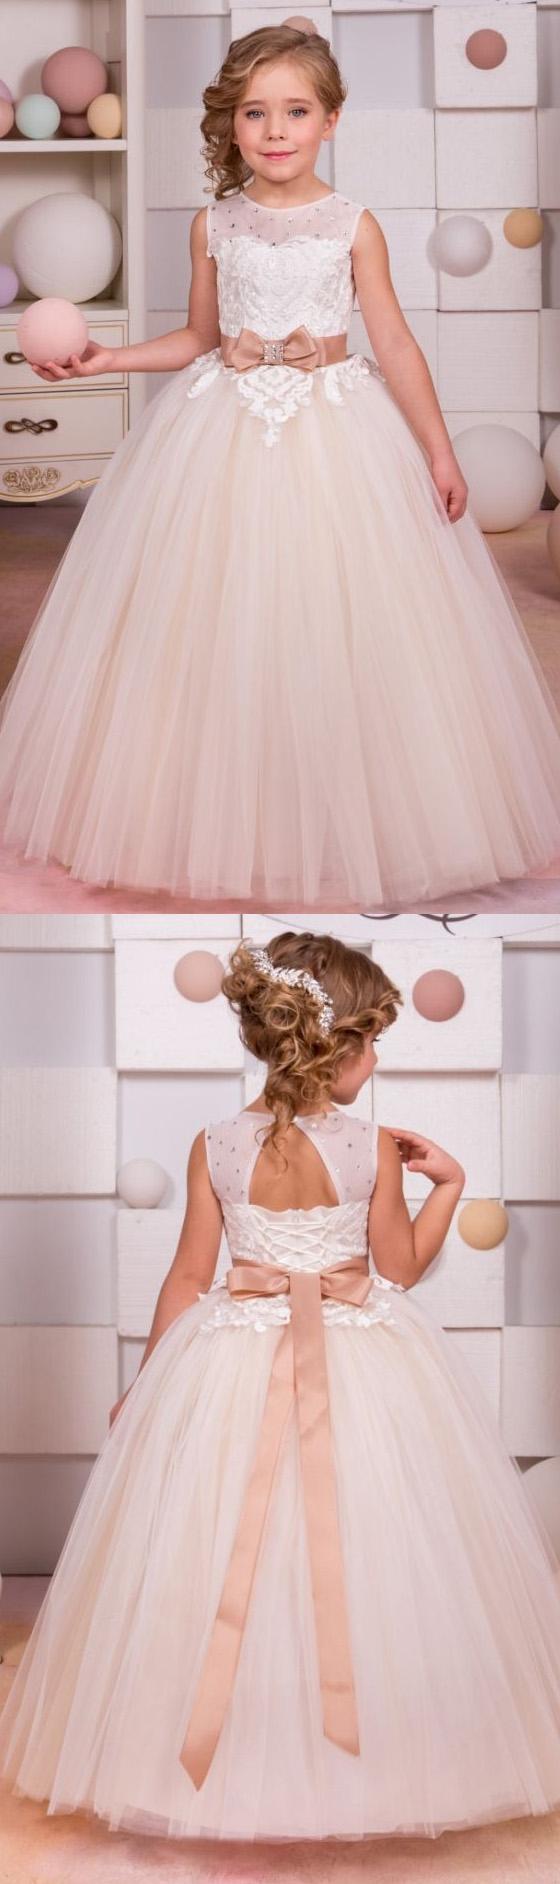 Long flower girl dress engrossing white flower girl dresses with